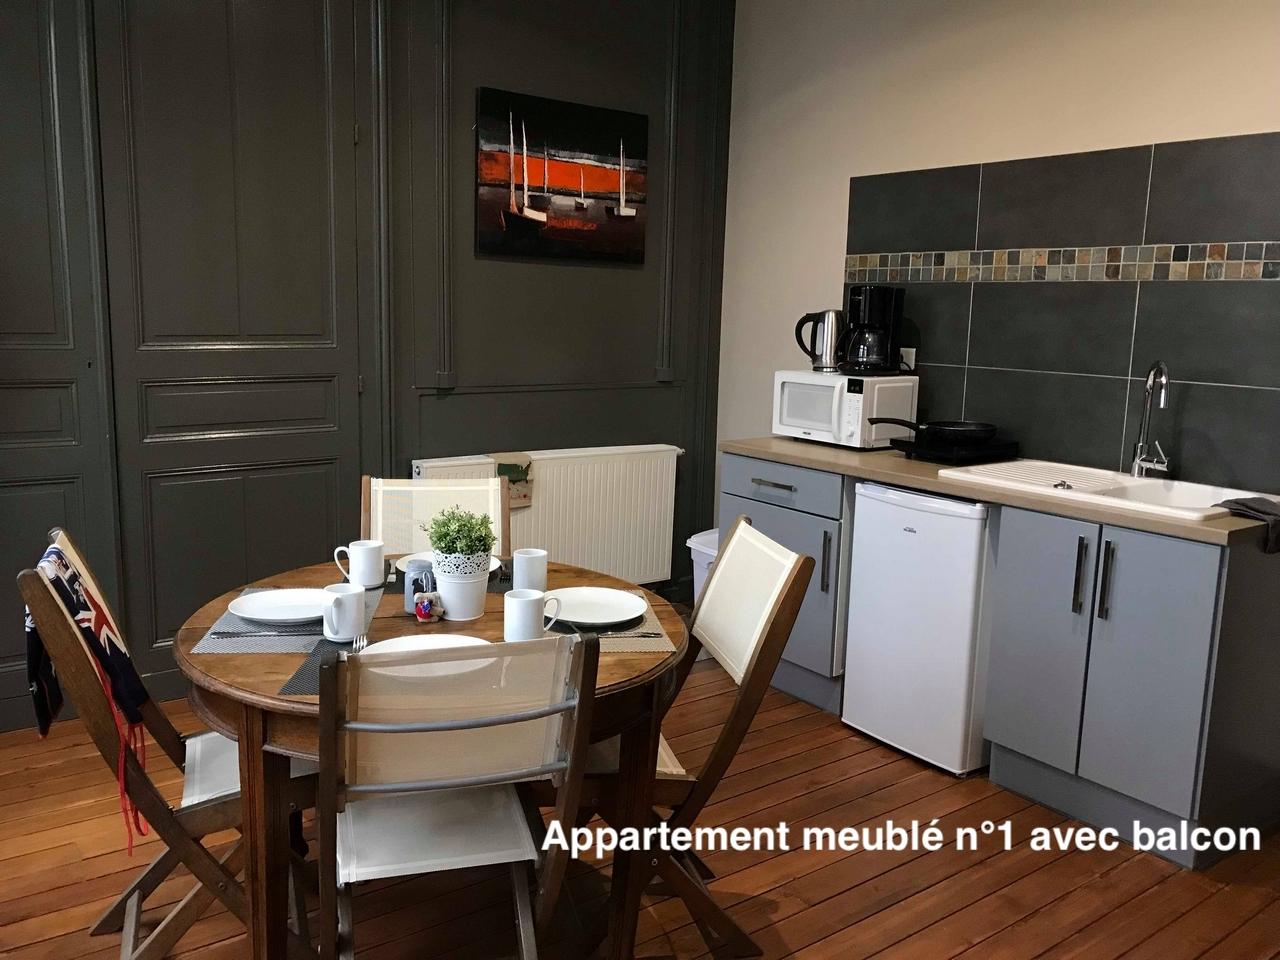 The nest - Appartement meublé avec balcon en centre ville d'Amiens avec services hoteliers, proche gare et cathédrale, calme et repos, confort avec plancher d'origine et tout équipé